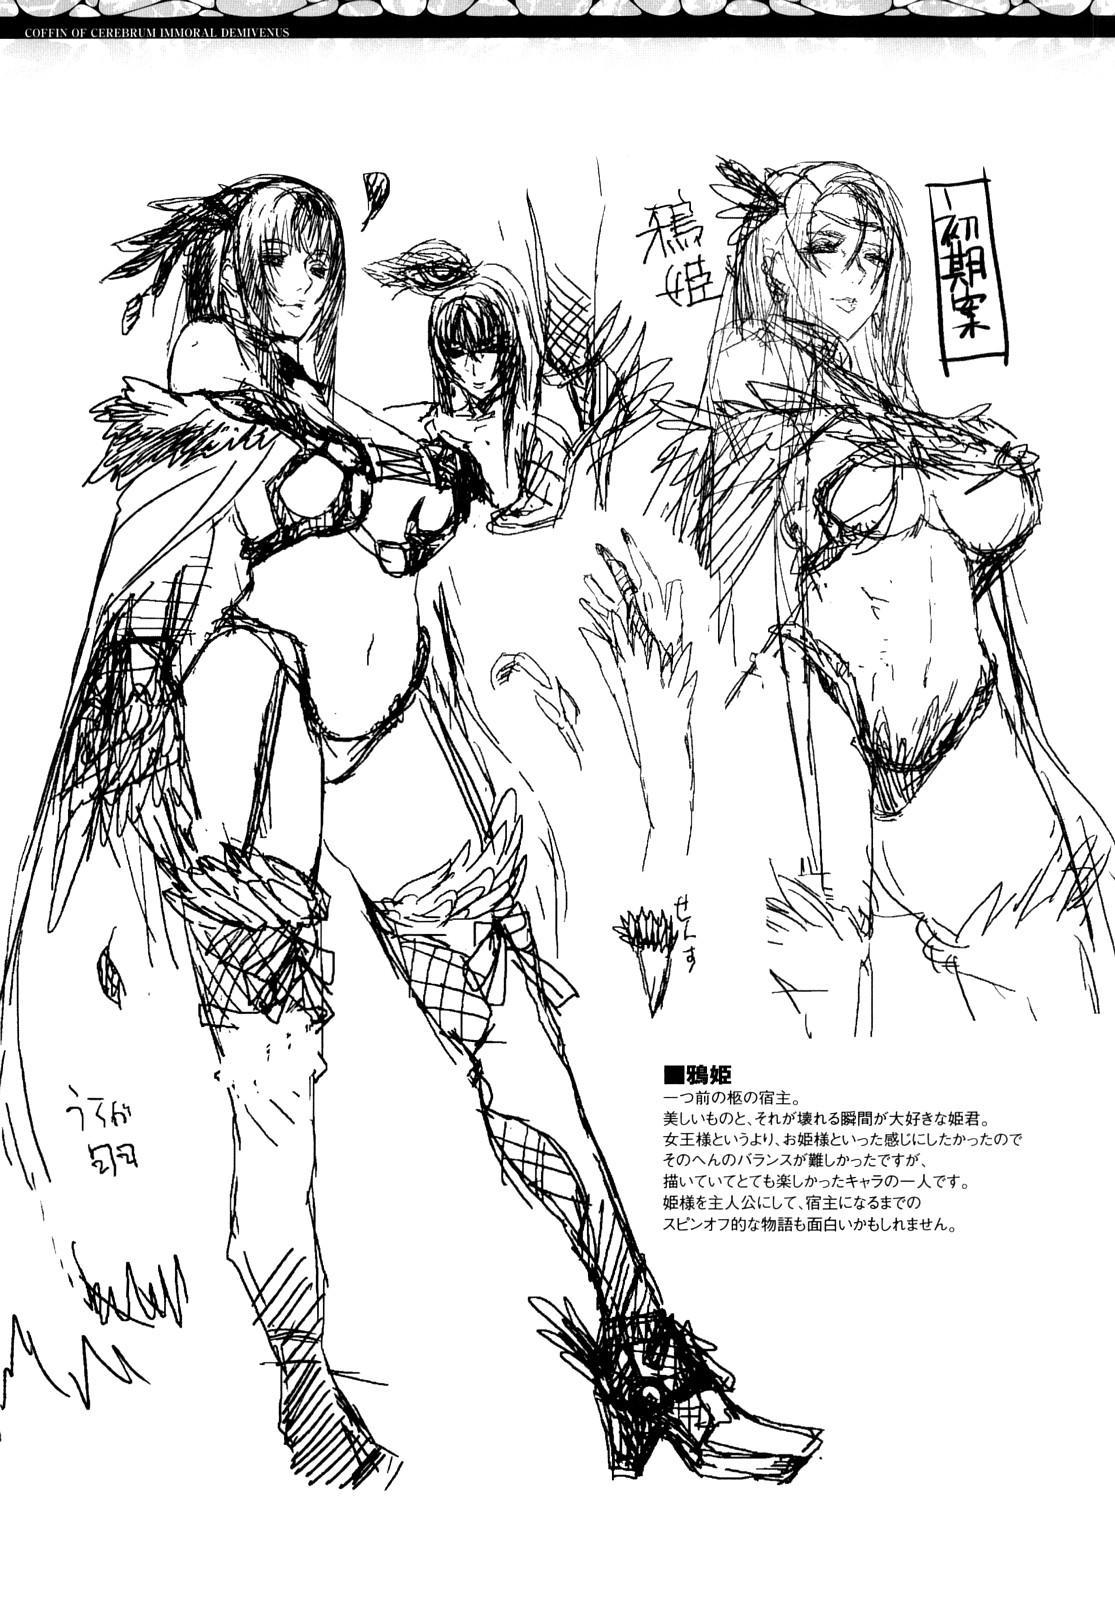 Cerberum no Hitsugi Haitoku no Hanmegami - The Coffin of Cerebrum Immoral Demivenus 183